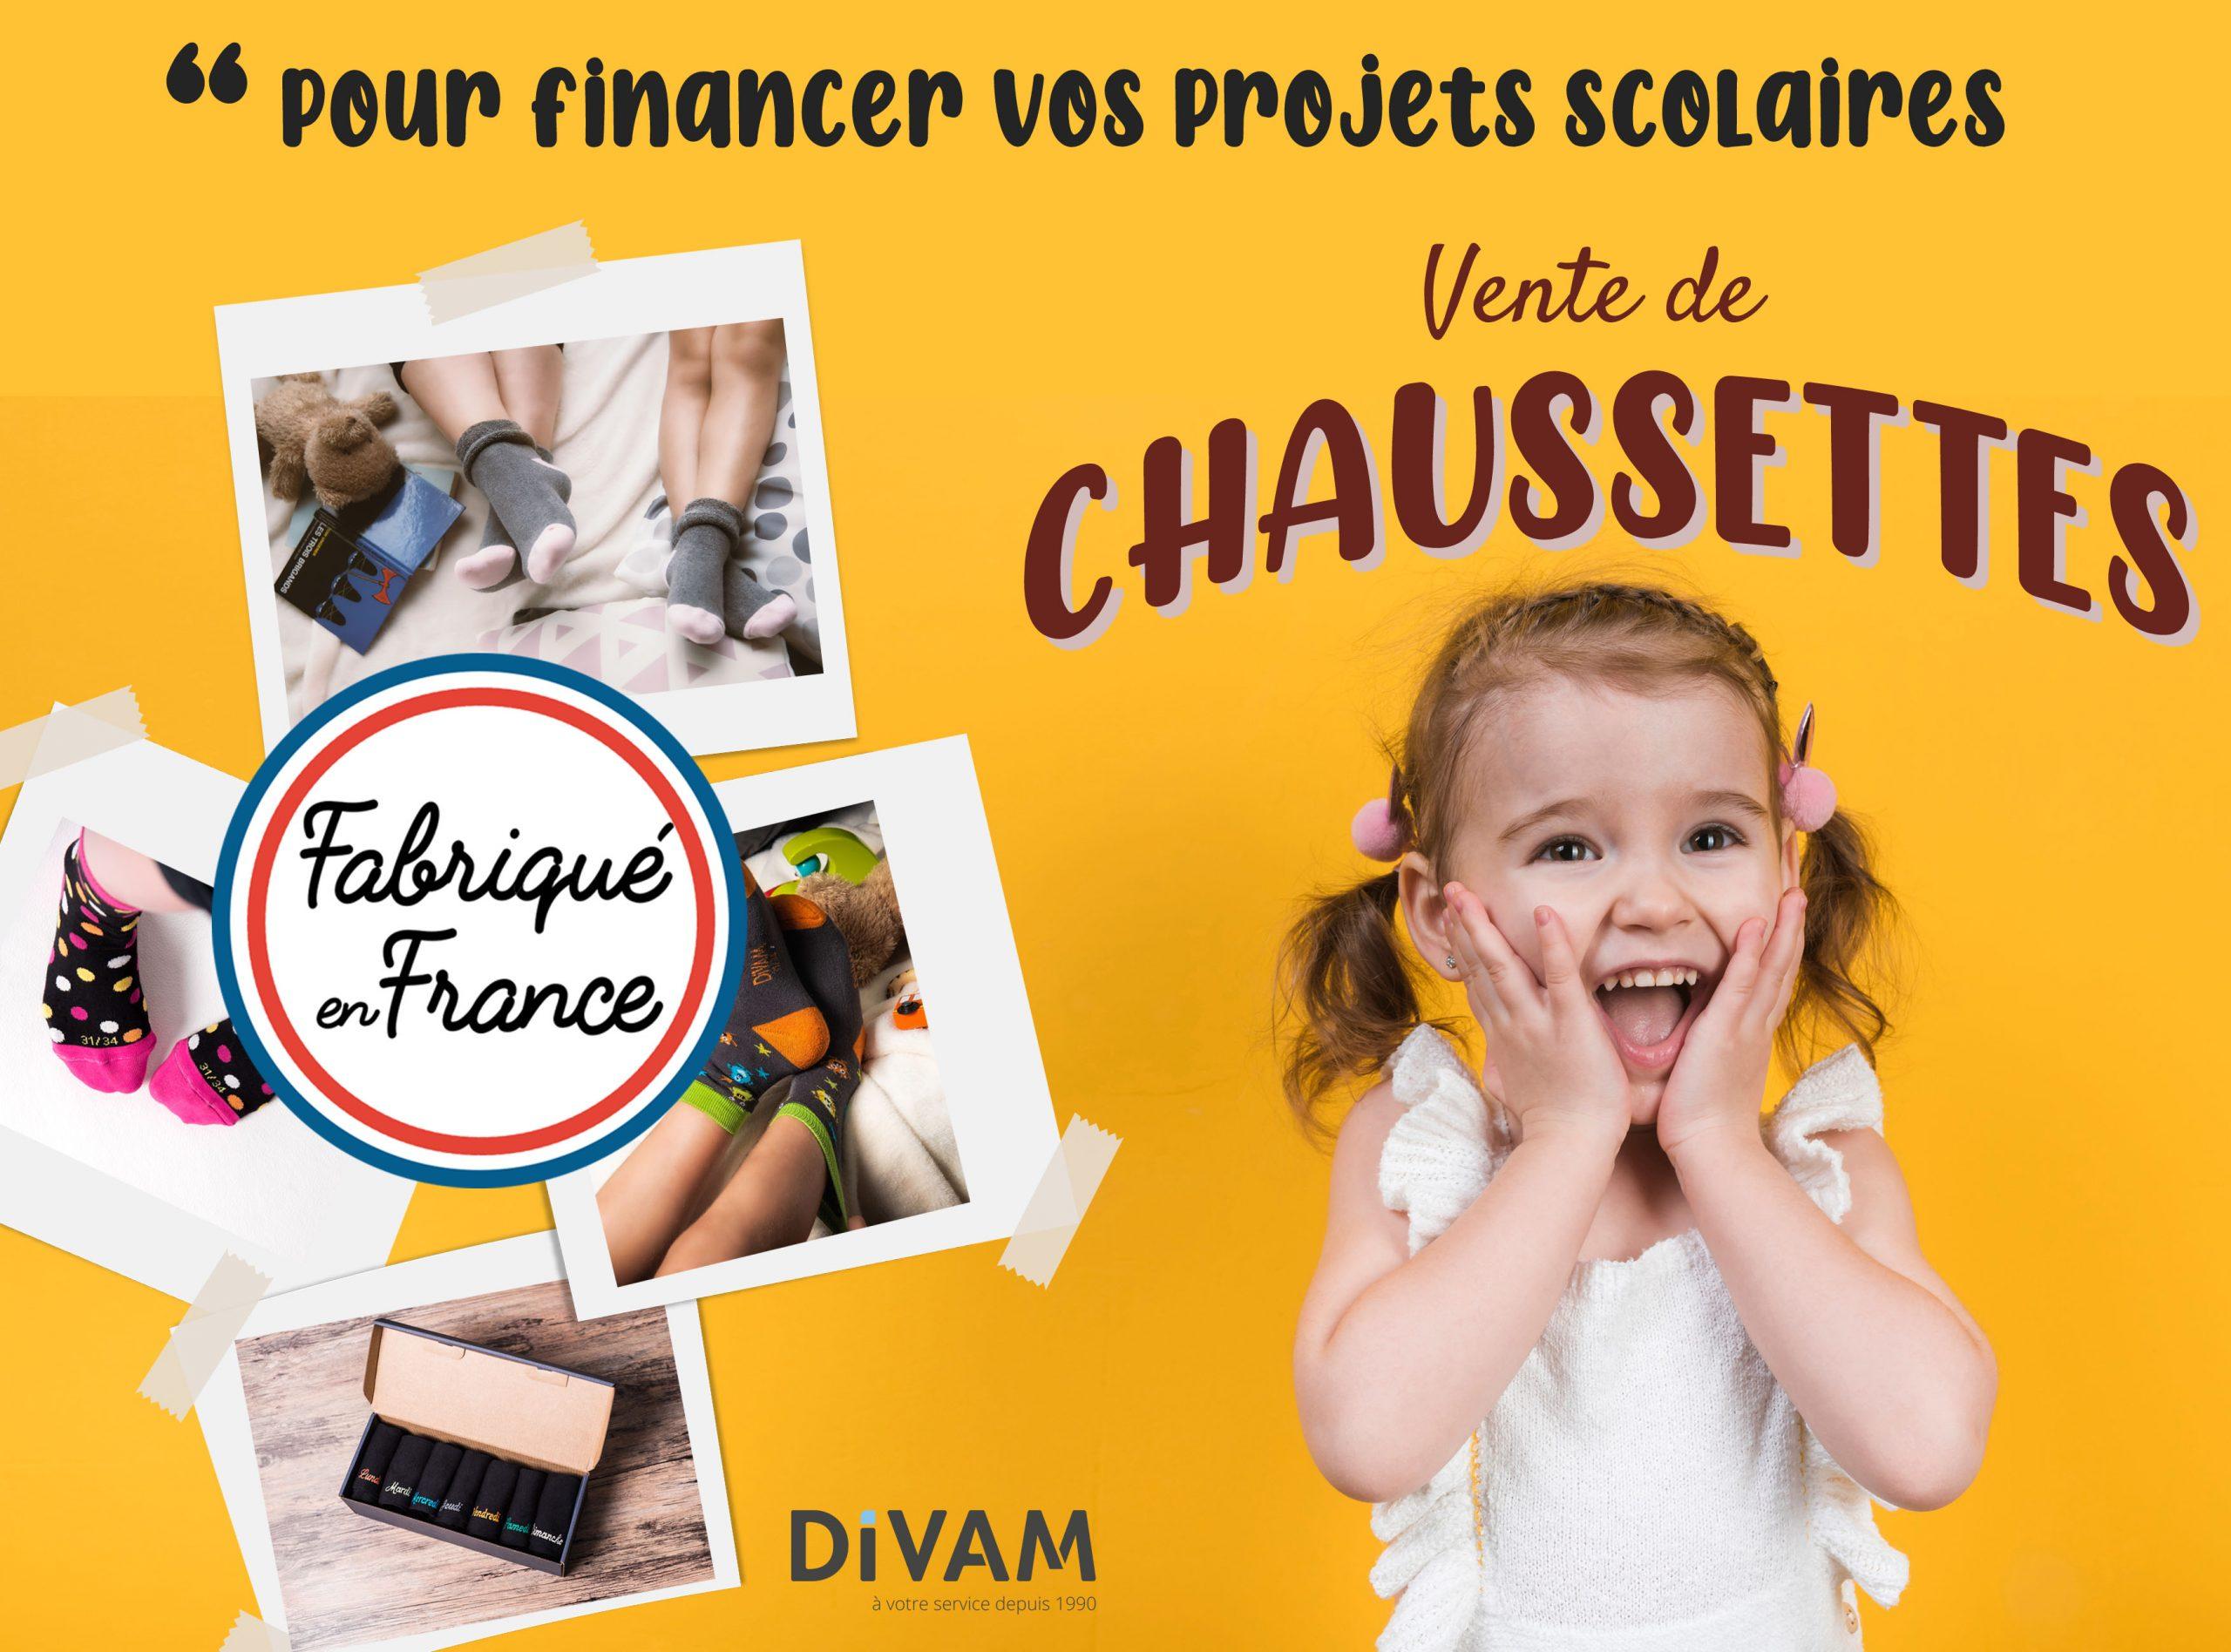 Financer vos projets d'école avec la vente de chaussettes Made In France.